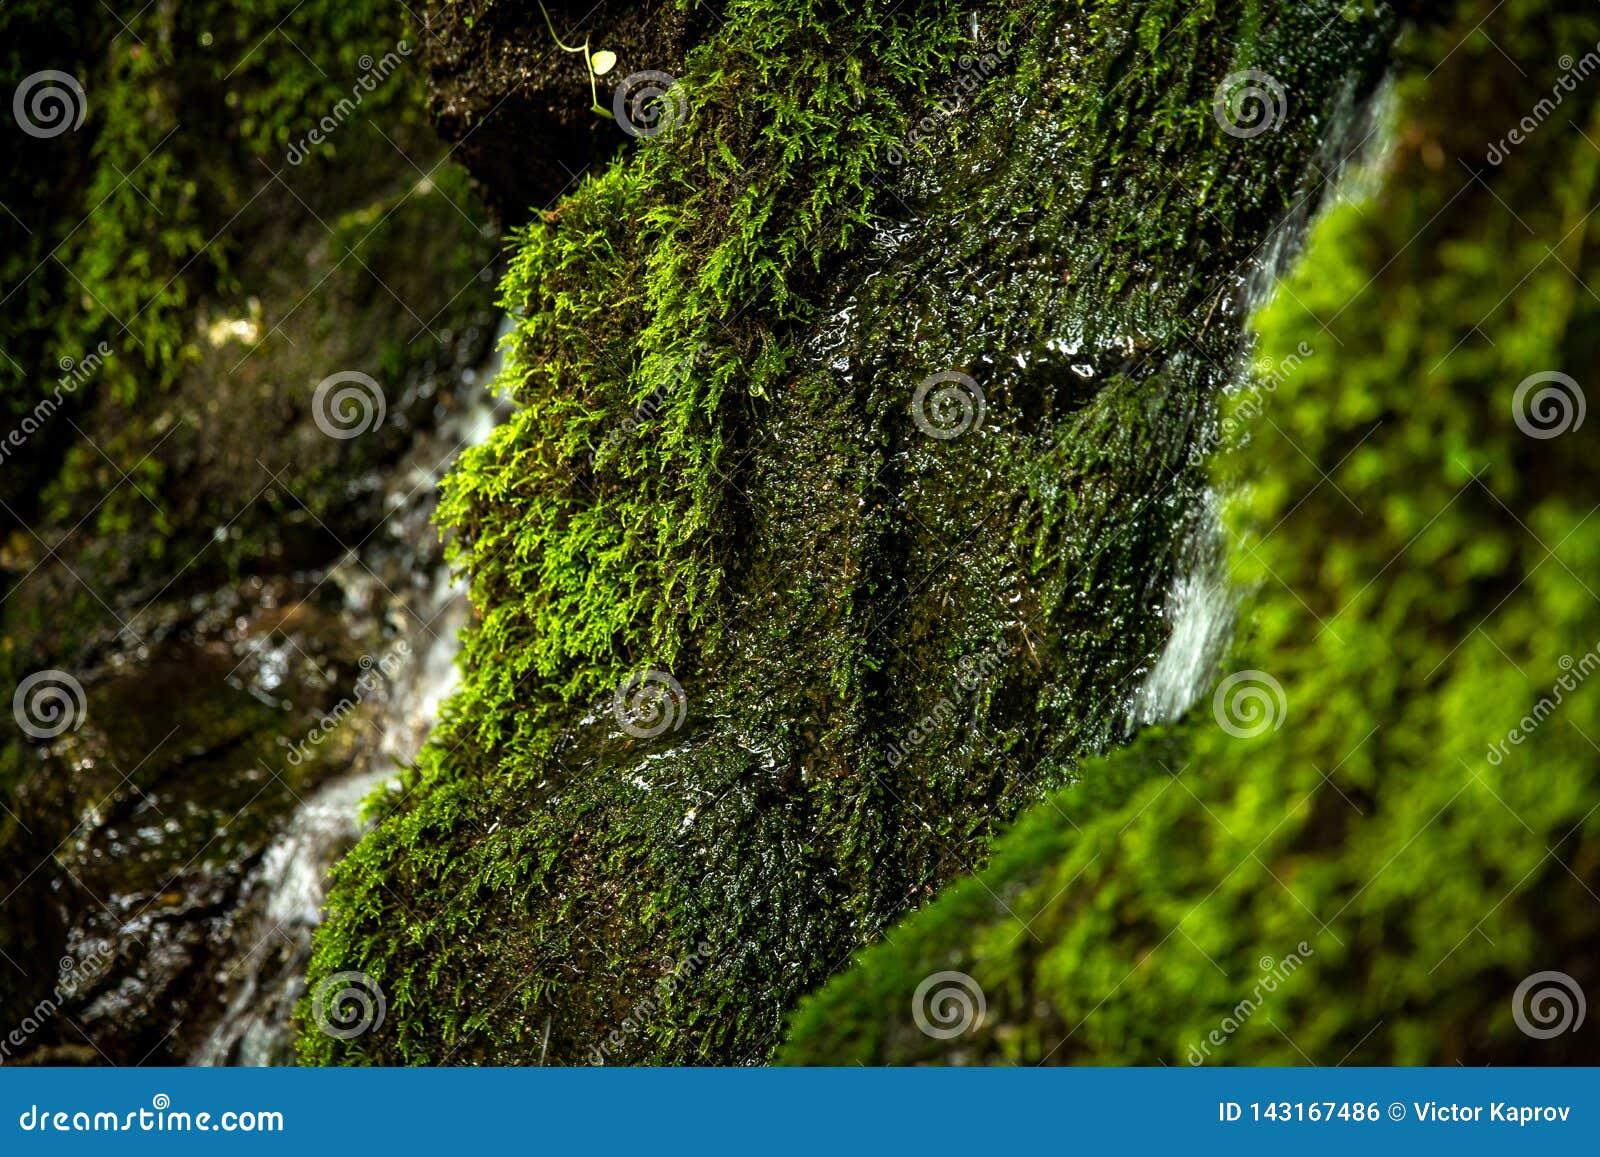 Musgo en las piedras de una cascada en el bosque